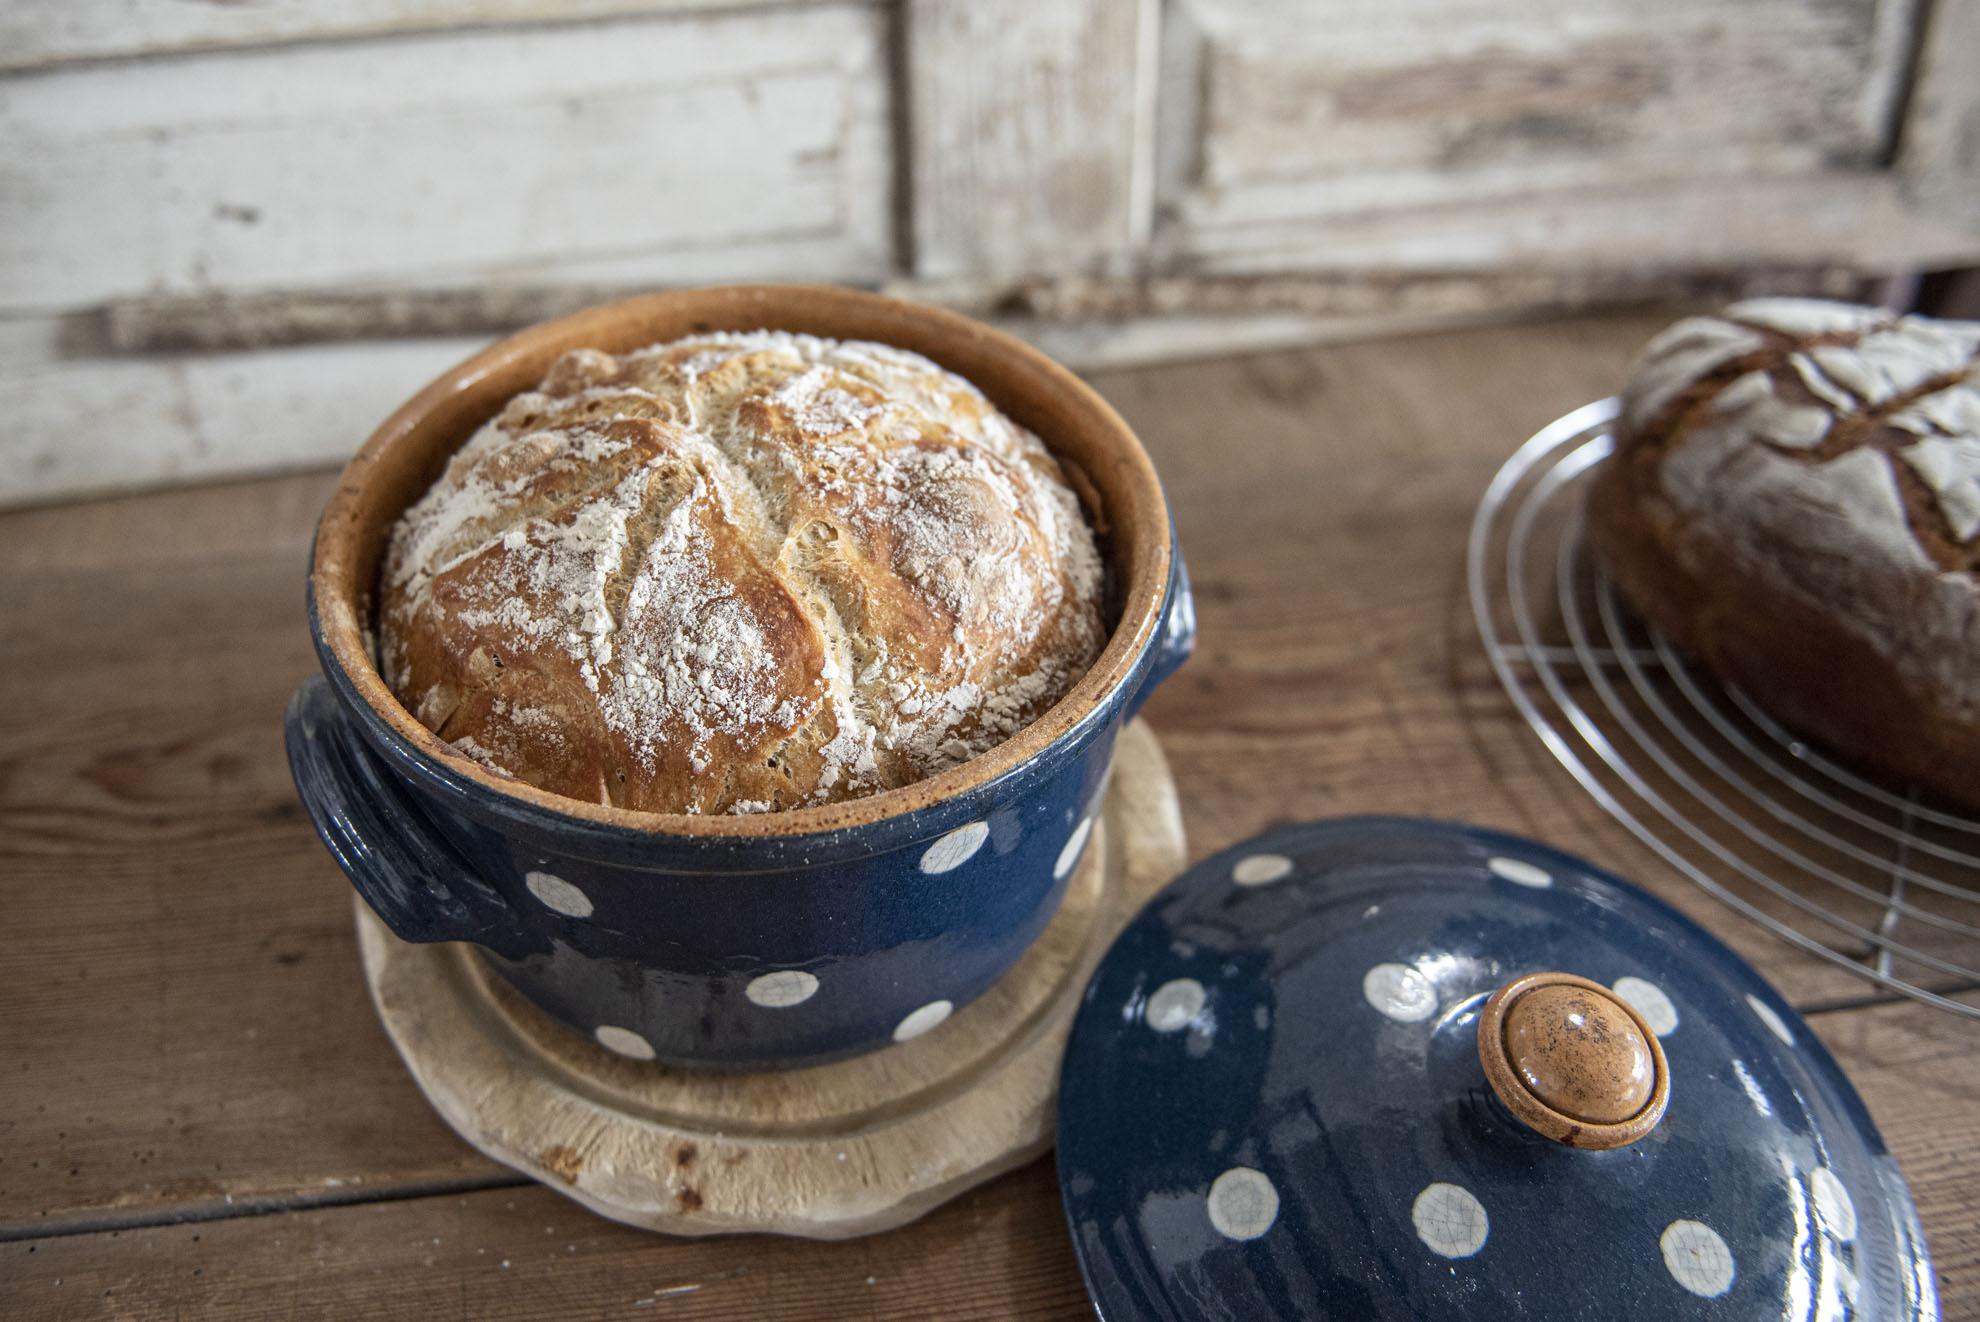 Weißbrot aus französischem Baguettemehl im Topf gebacken